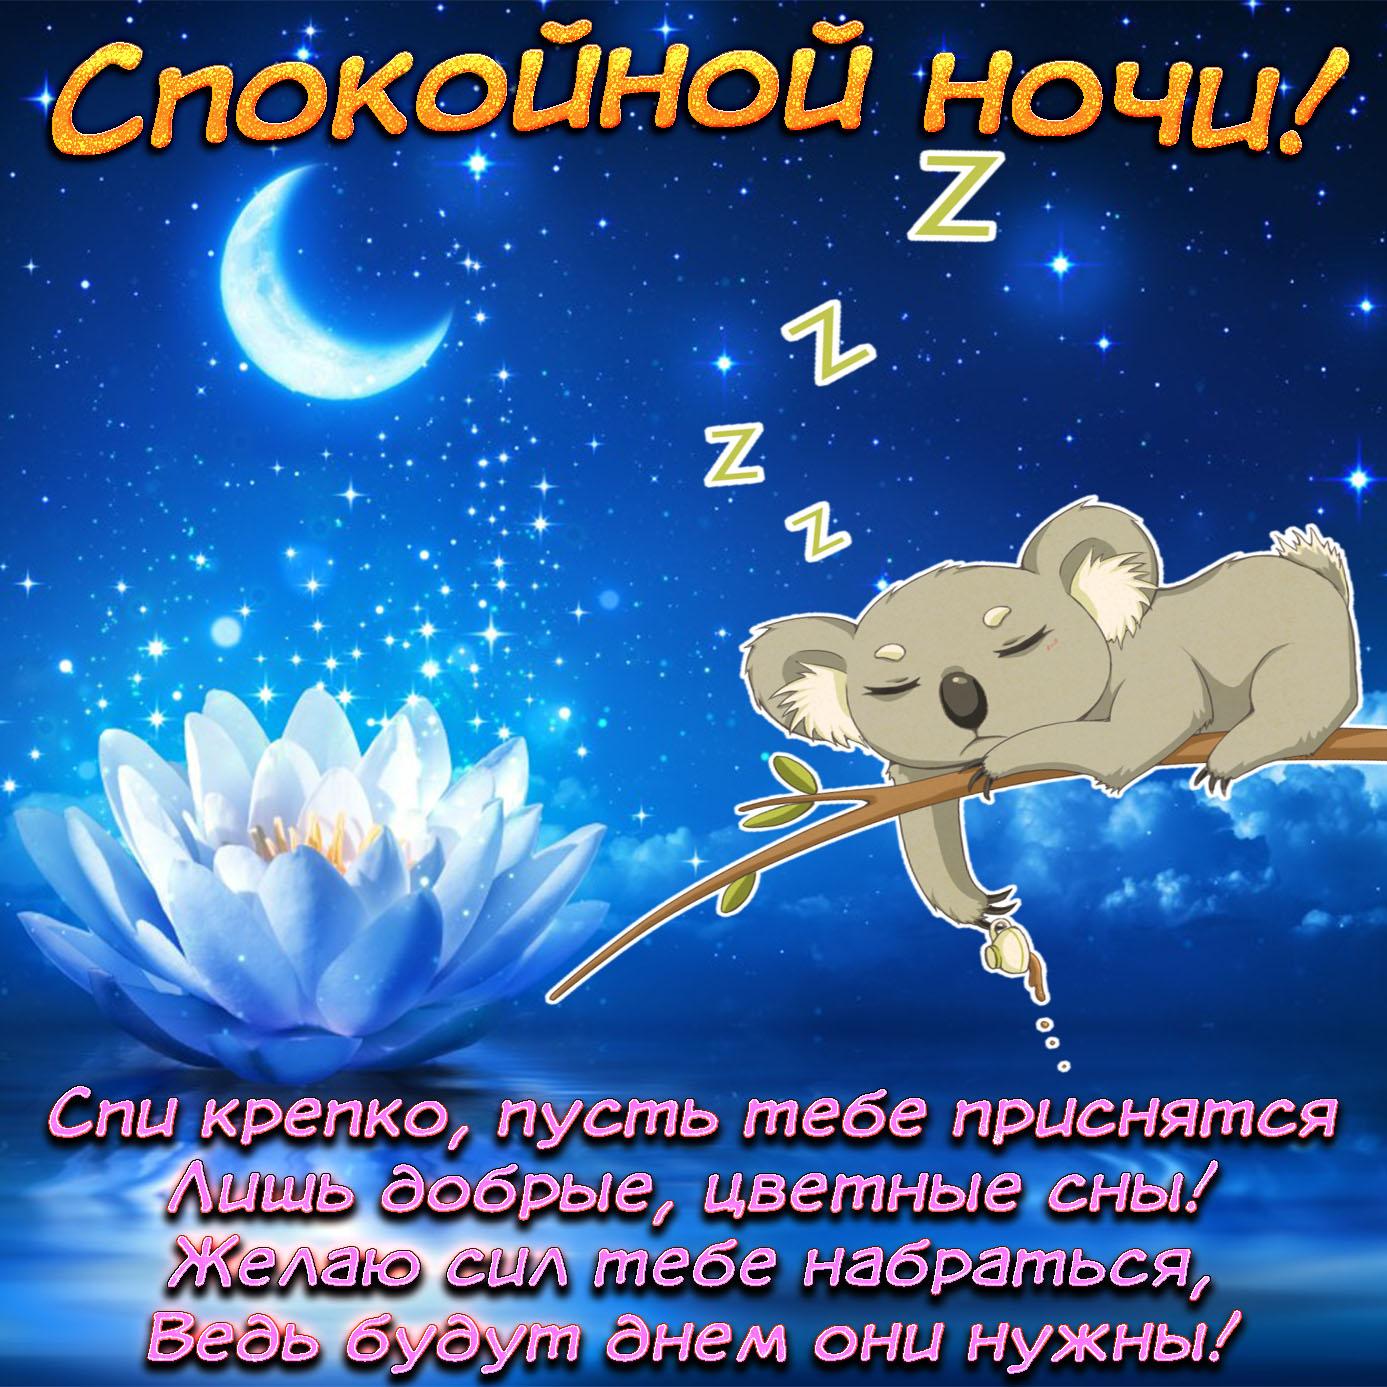 Открытка спокойной ночи с добрым пожеланием